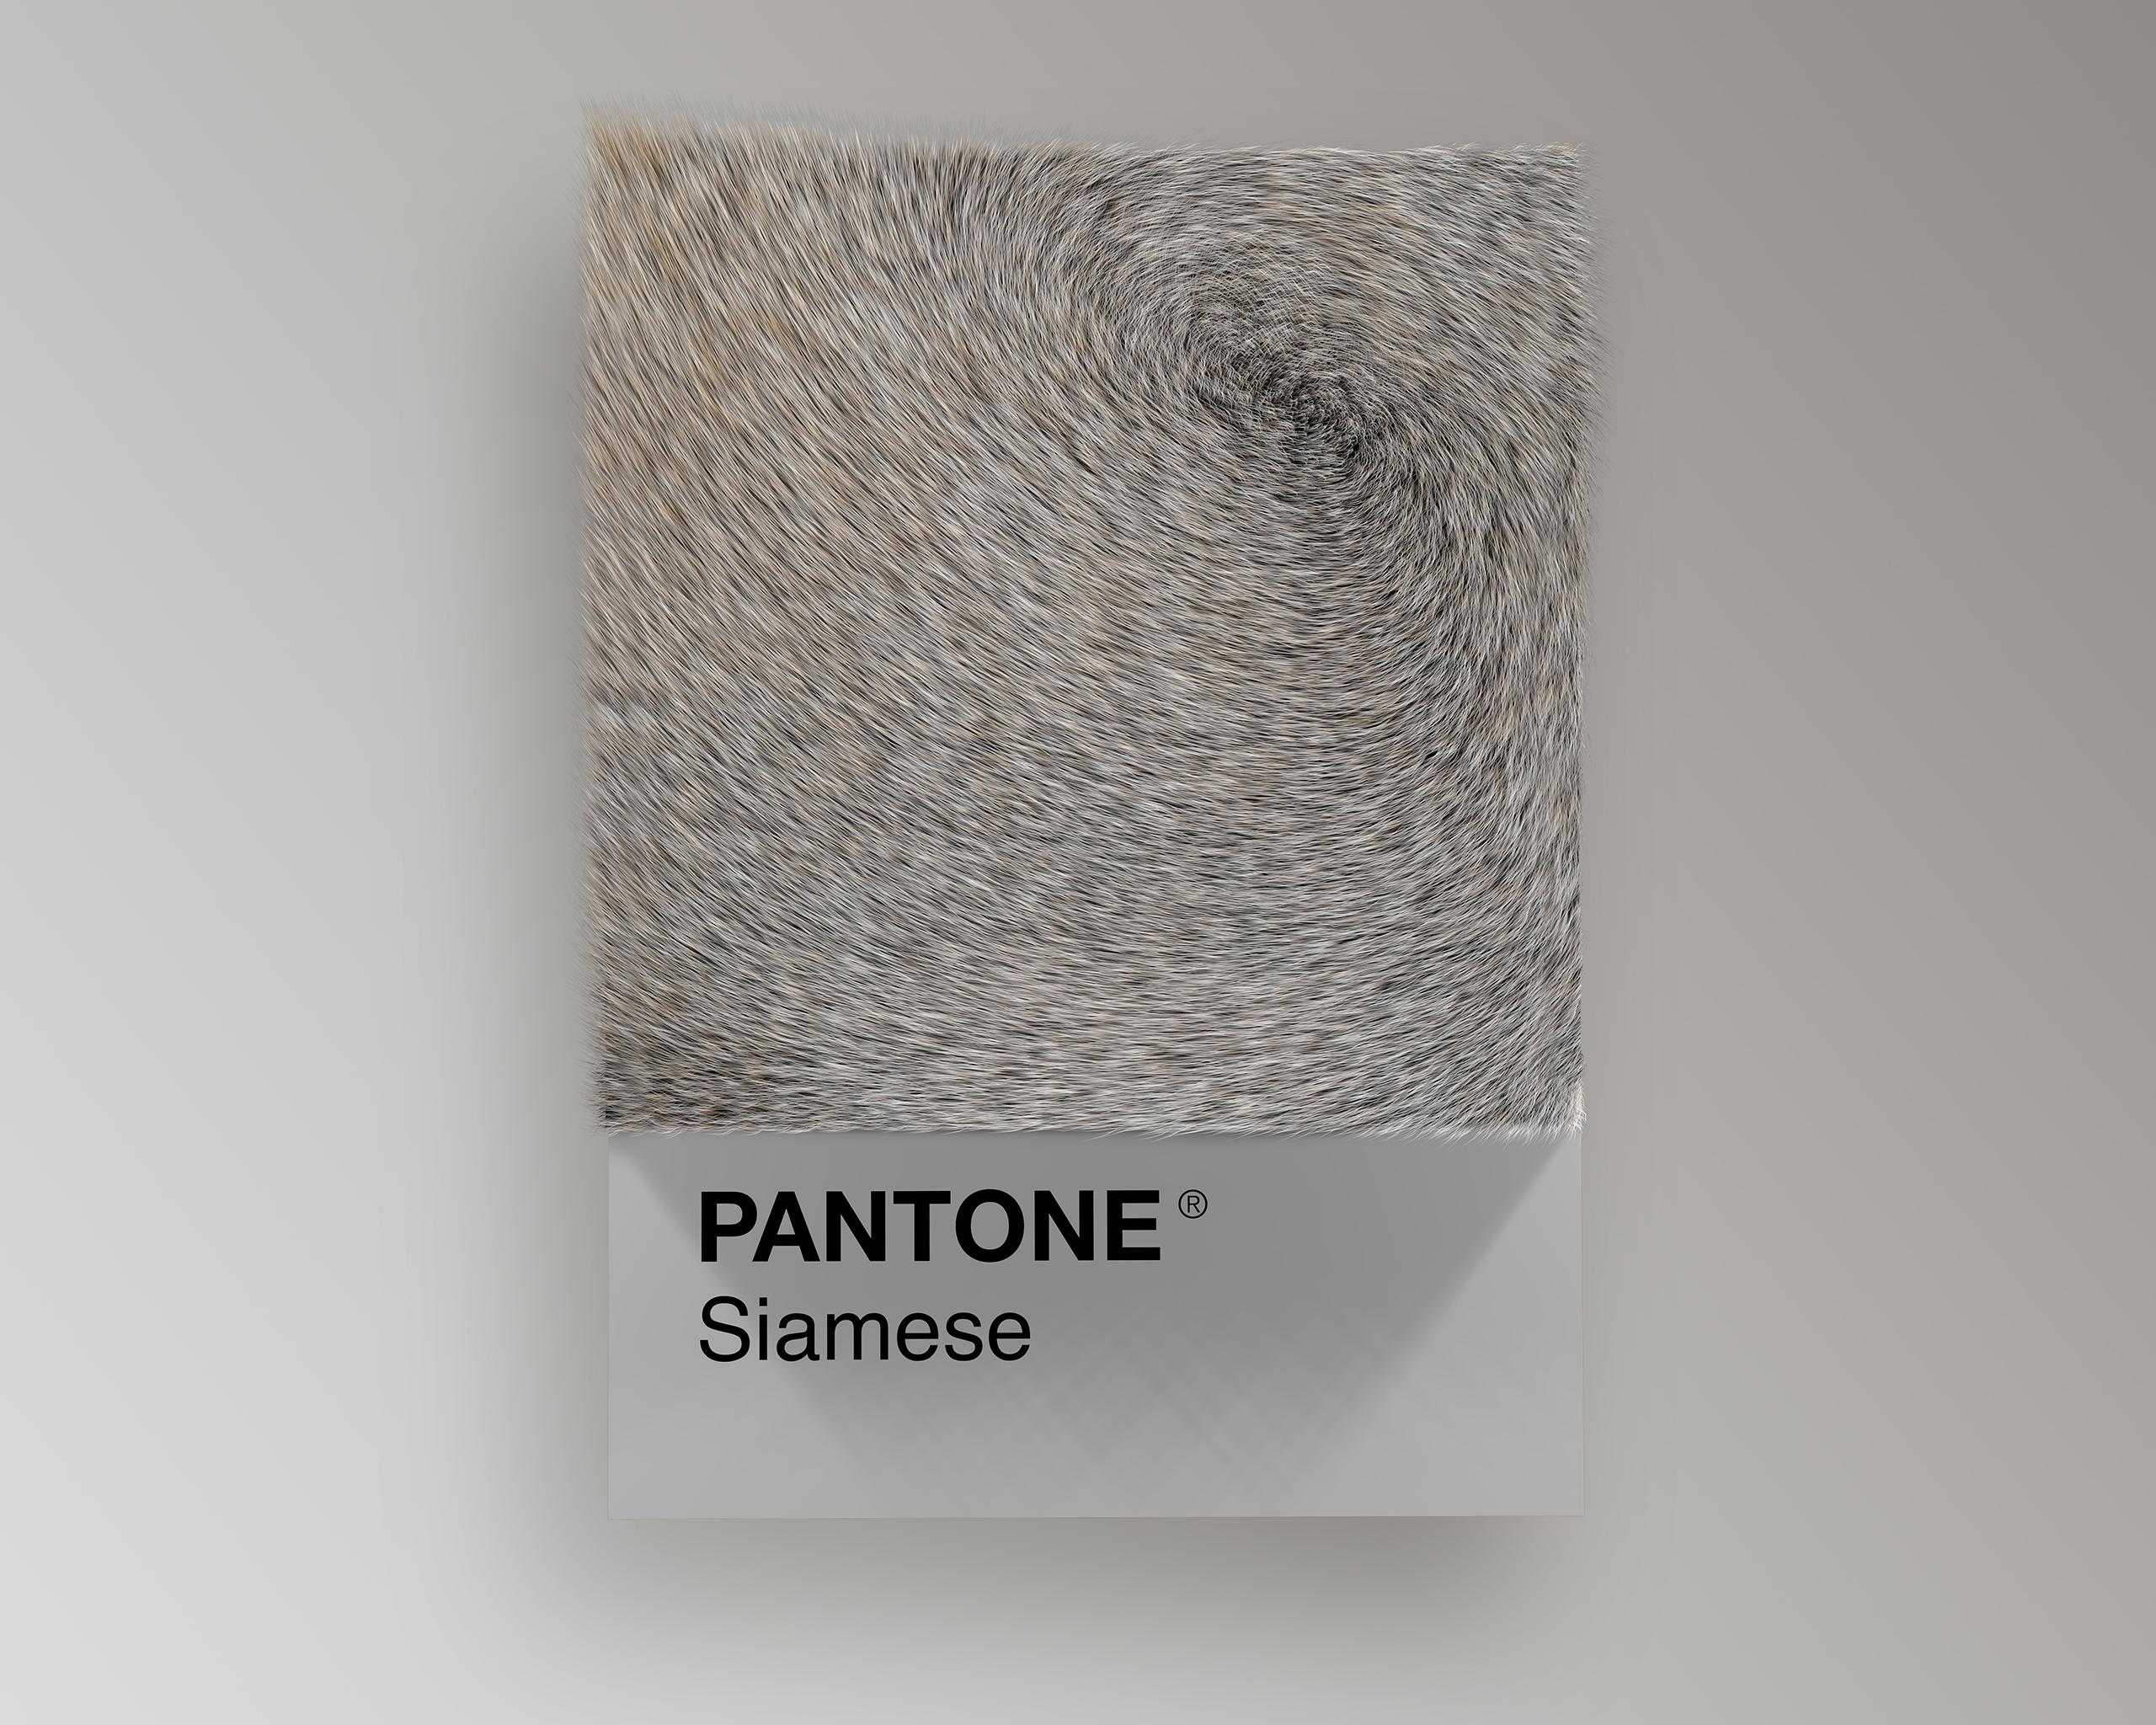 Siamese Cat as Pantone